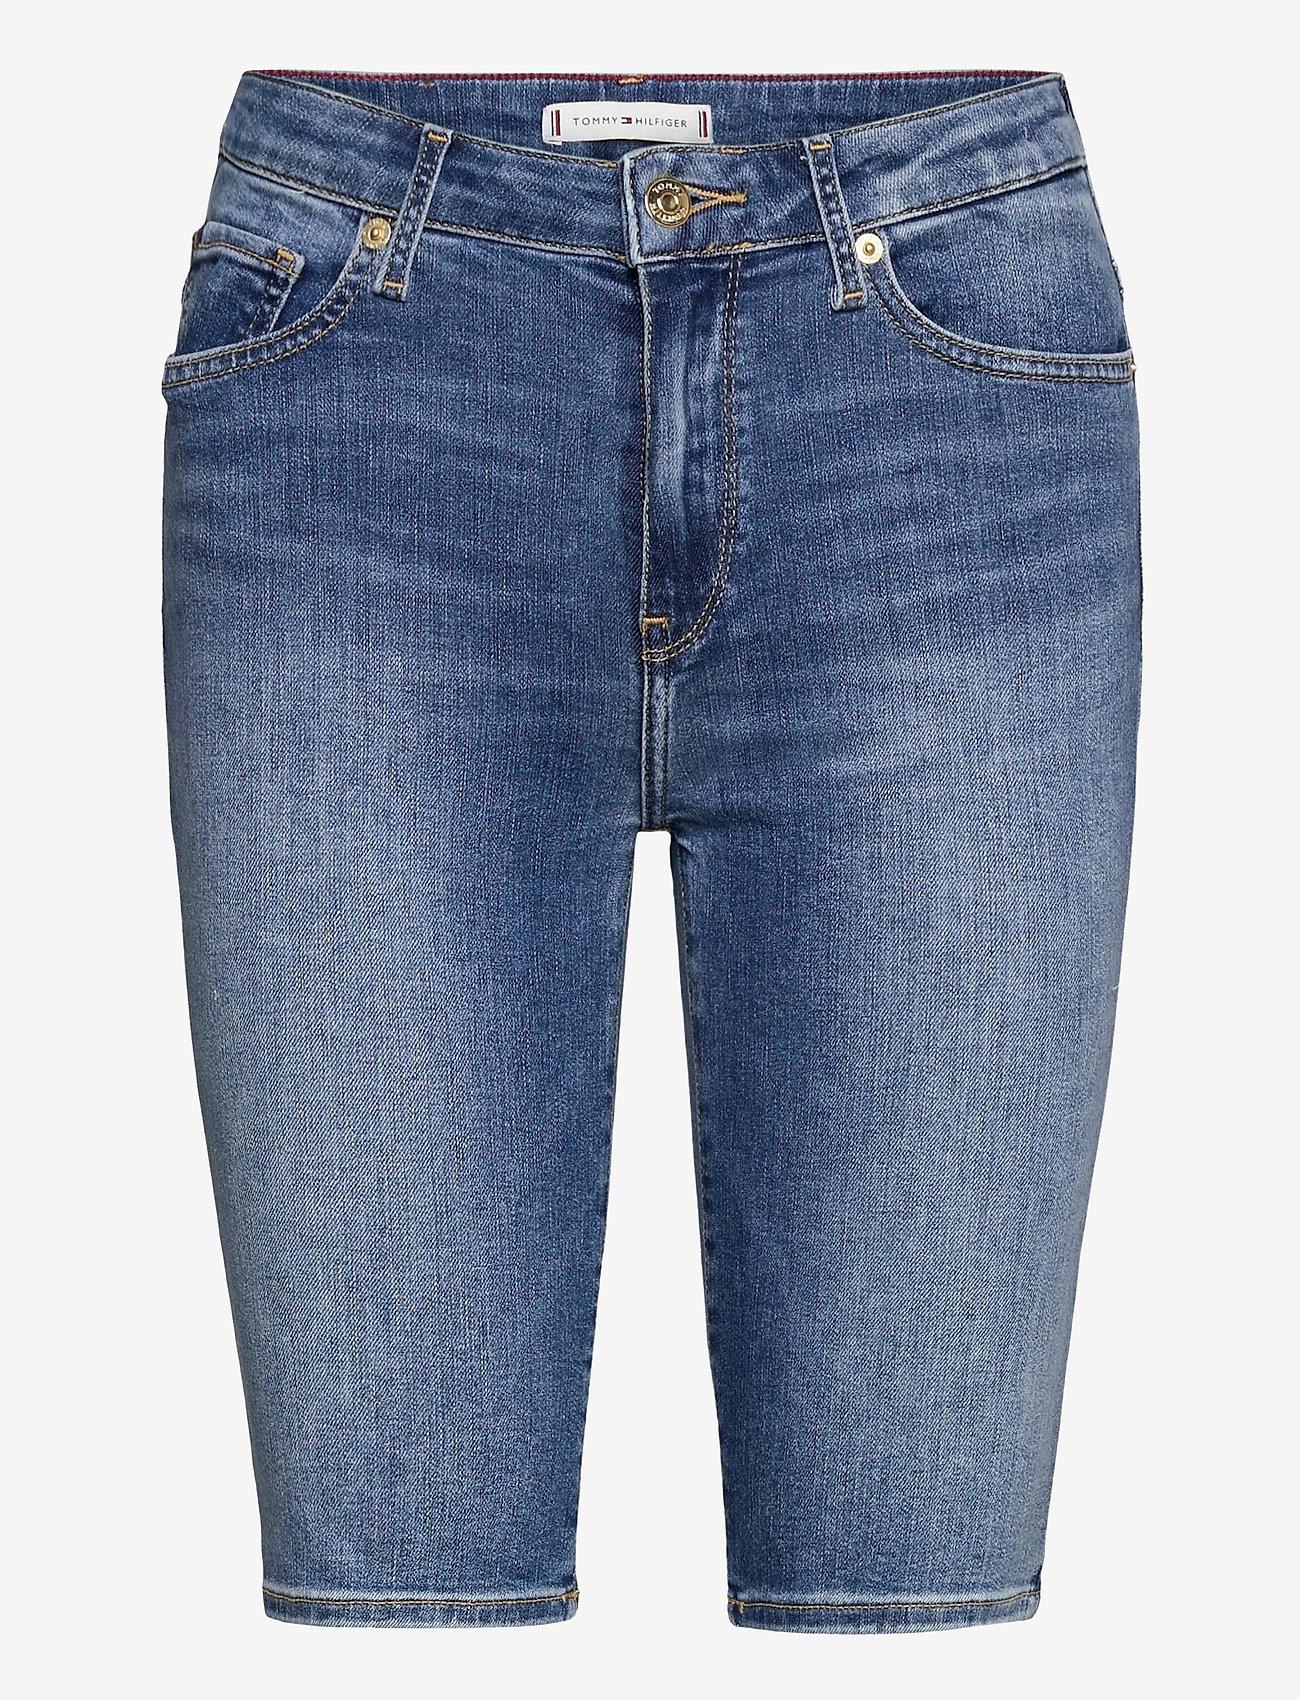 Tommy Hilfiger - TH FLEX VENICE SLIM RW IZZY BERM - jeansshorts - izzy - 0